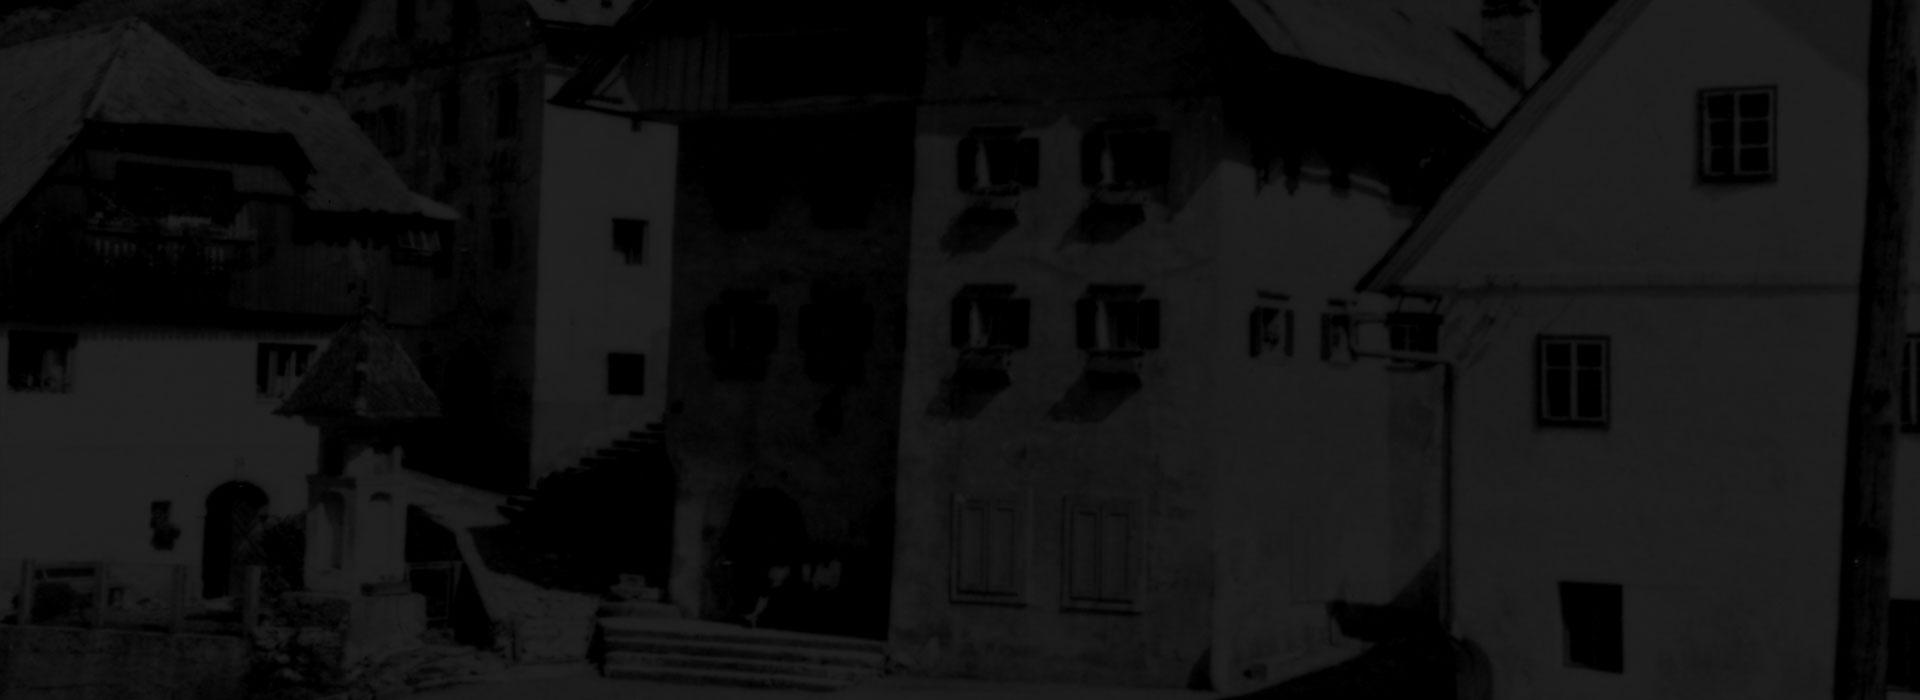 Der Geburtsort Kropa